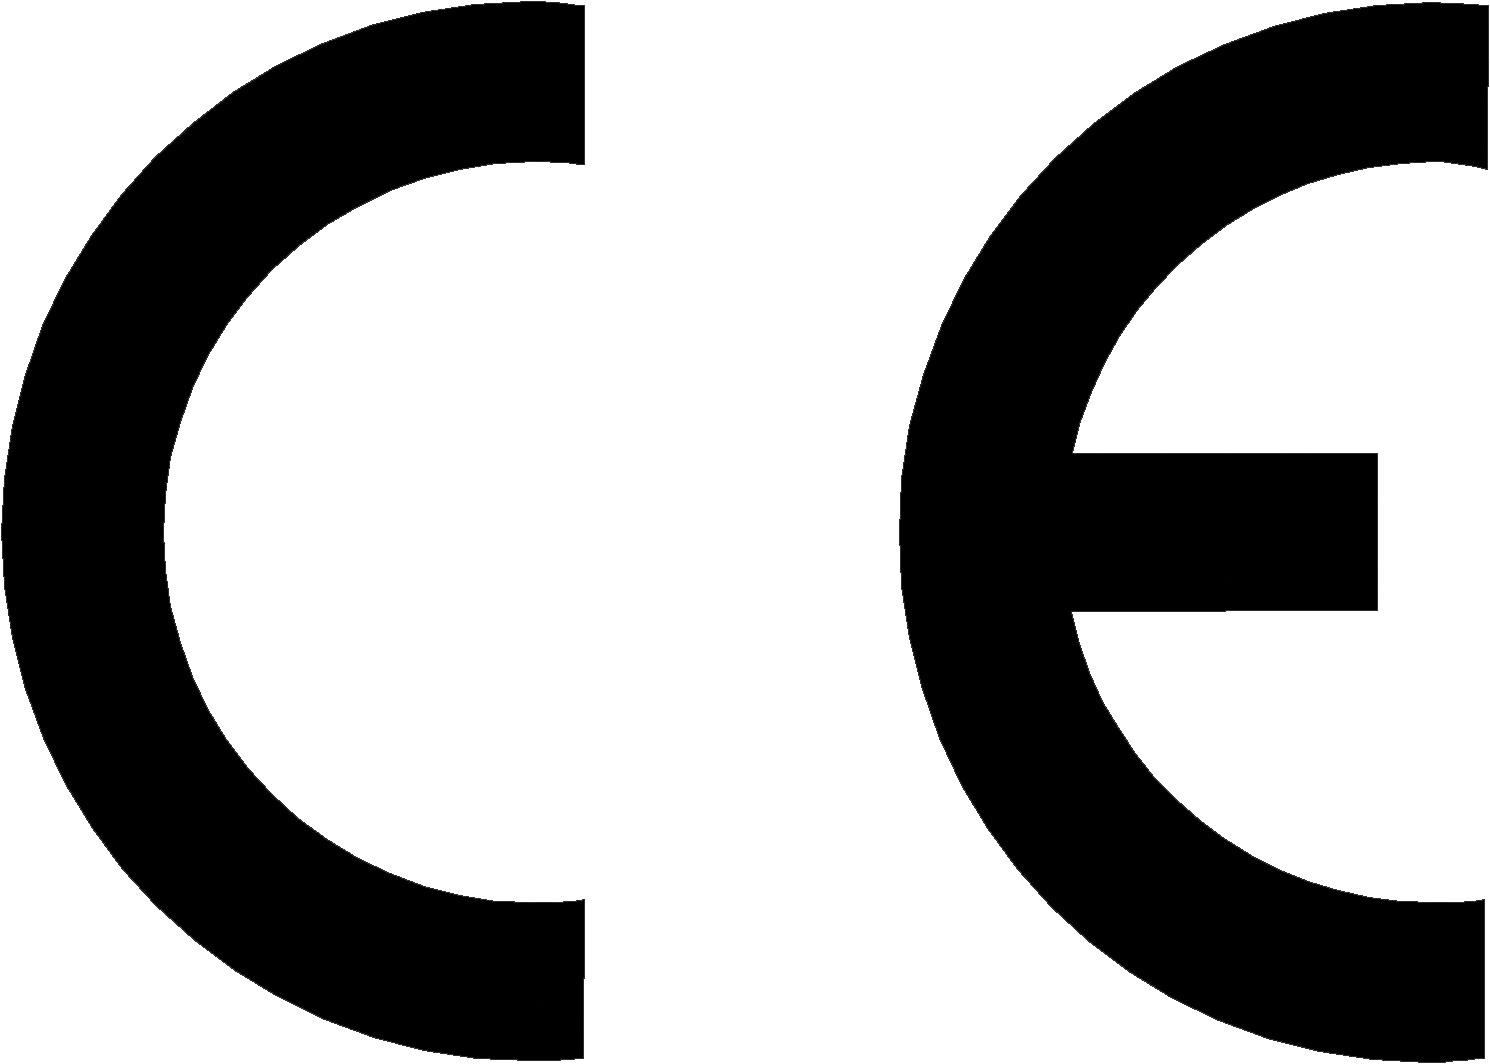 Компания Gigavac получила сертификацию СЕ